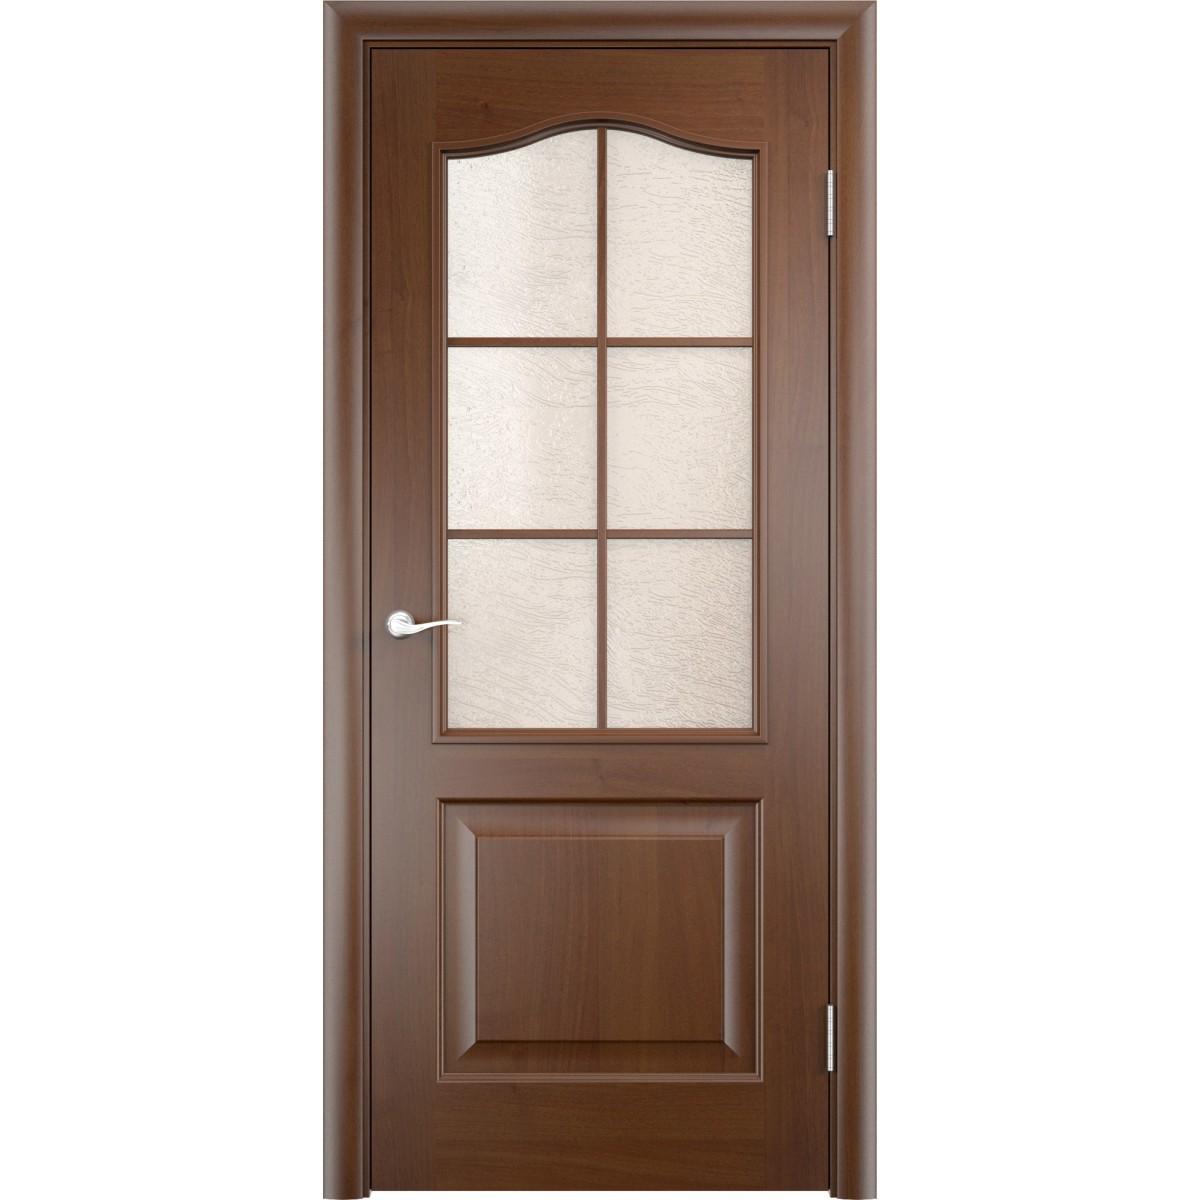 Дверь Межкомнатная Остеклённая Антик 90x200 Пвх Цвет Дуб Коньяк